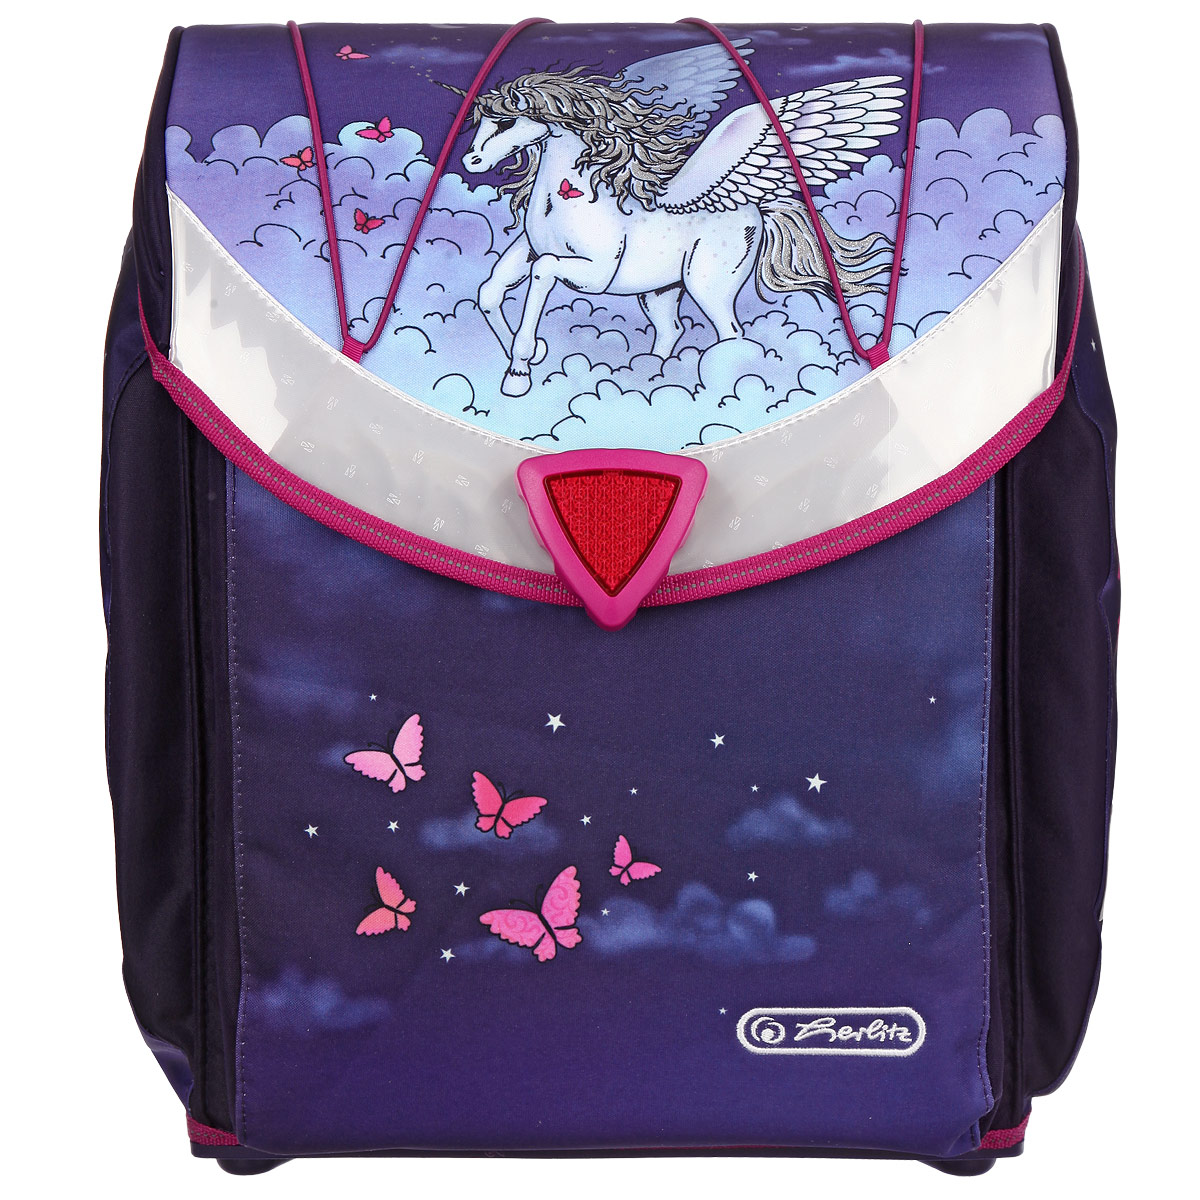 Ранец школьный Herlitz Flexi Pegasus, цвет: фиолетовый50008162Школьный ранец Herlitz Flexi Pegasus станет для вашего ребенка надежным спутником в получении знаний. Ранец с жестким корпусом выполнен из прочного водооталкивающего материала фиолетового цвета и оформлен изображением пегаса. Ранец содержит два вместительных отделения. Внутри одного из них находится фиксатор для тетрадей и учебников. Внутри второго отделения расположены текстильная перегородка с уплотнителем и большой карман-сеточка на застежке-молнии. Ранец закрывается клапаном с поворачивающейся магнитной защелкой. На внутренней части клапана находятся два пластиковых кармашка, в которые можно поместить расписание уроков и визитку с личными данными владельца.Сверху на клапане имеется эластичная шнуровка, с помощью которой на ранце можно закрепить куртку.По бокам ранца расположены два внешних потайных кармана, которые закрываются на застежки-молнии. Бегунки на застежках дополнены металлическими держателями с надписью Herlitz. Ортопедическая спинка позволяет уменьшить нагрузку на спину.Ранец оснащен широкими мягкими лямками, регулируемыми по длине, которые равномерно распределяют нагрузку на плечевой пояс, и удобной ручкой для переноски в руке.Днище ранца выполнено из легкого, но прочного пластика, легко моется и позволит продлить срок службы ранца. Светоотражающие элементы не оставят незамеченным вашего ребенка в темное время суток.